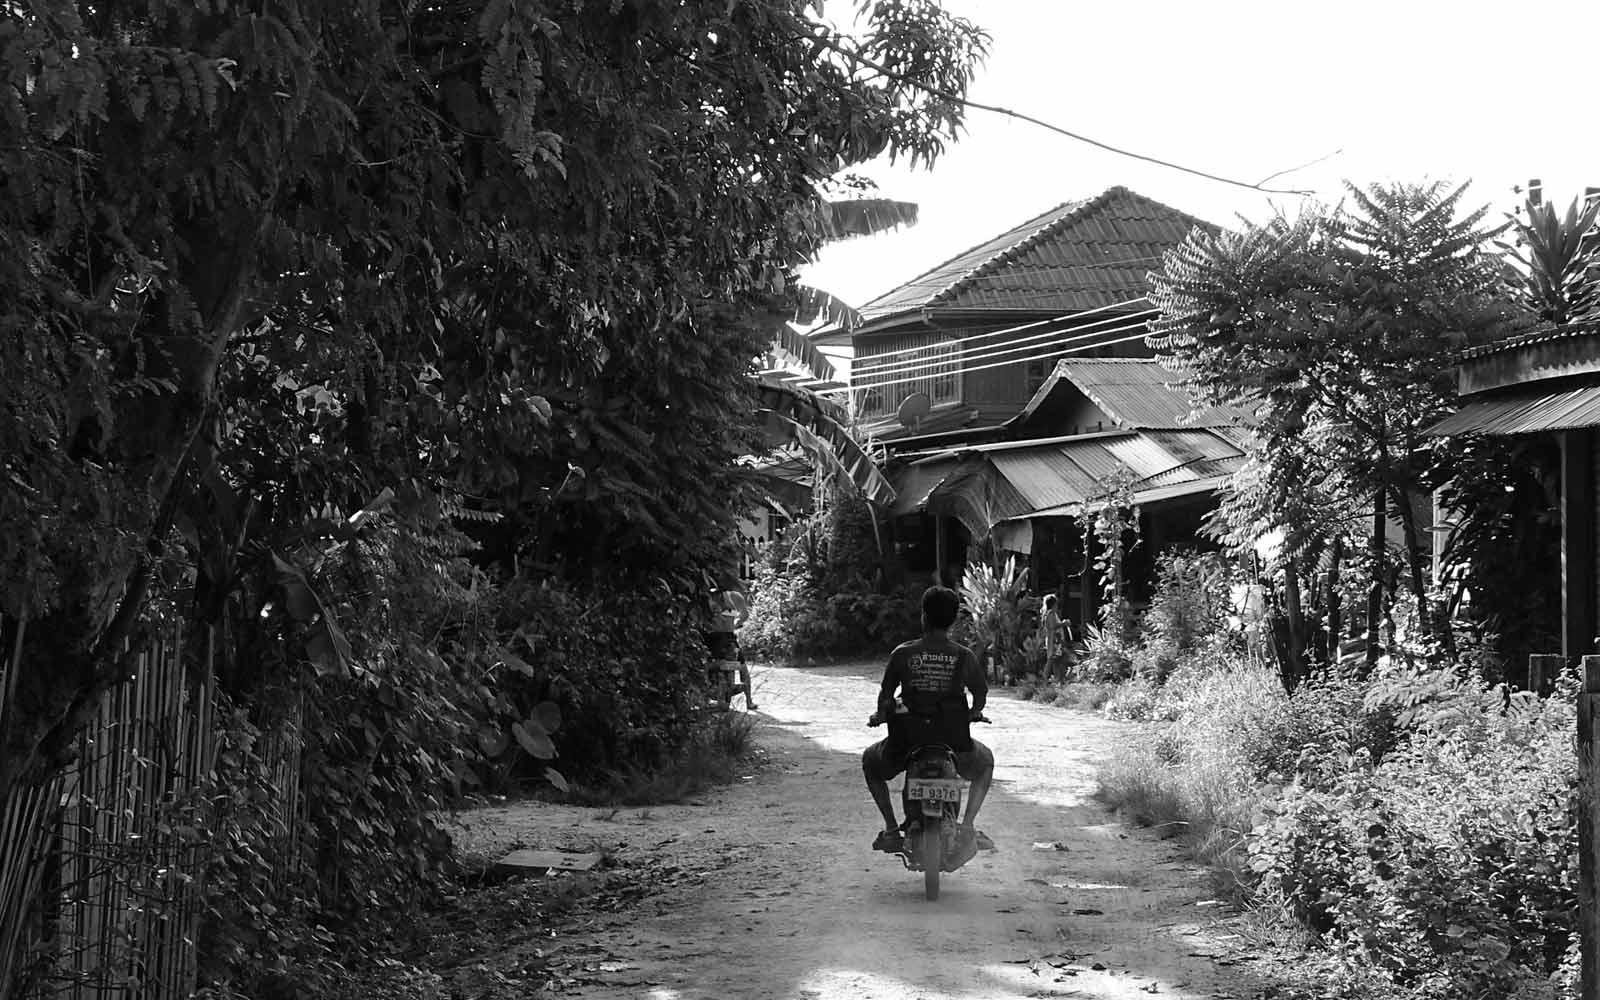 Laote auf einem Motorrad